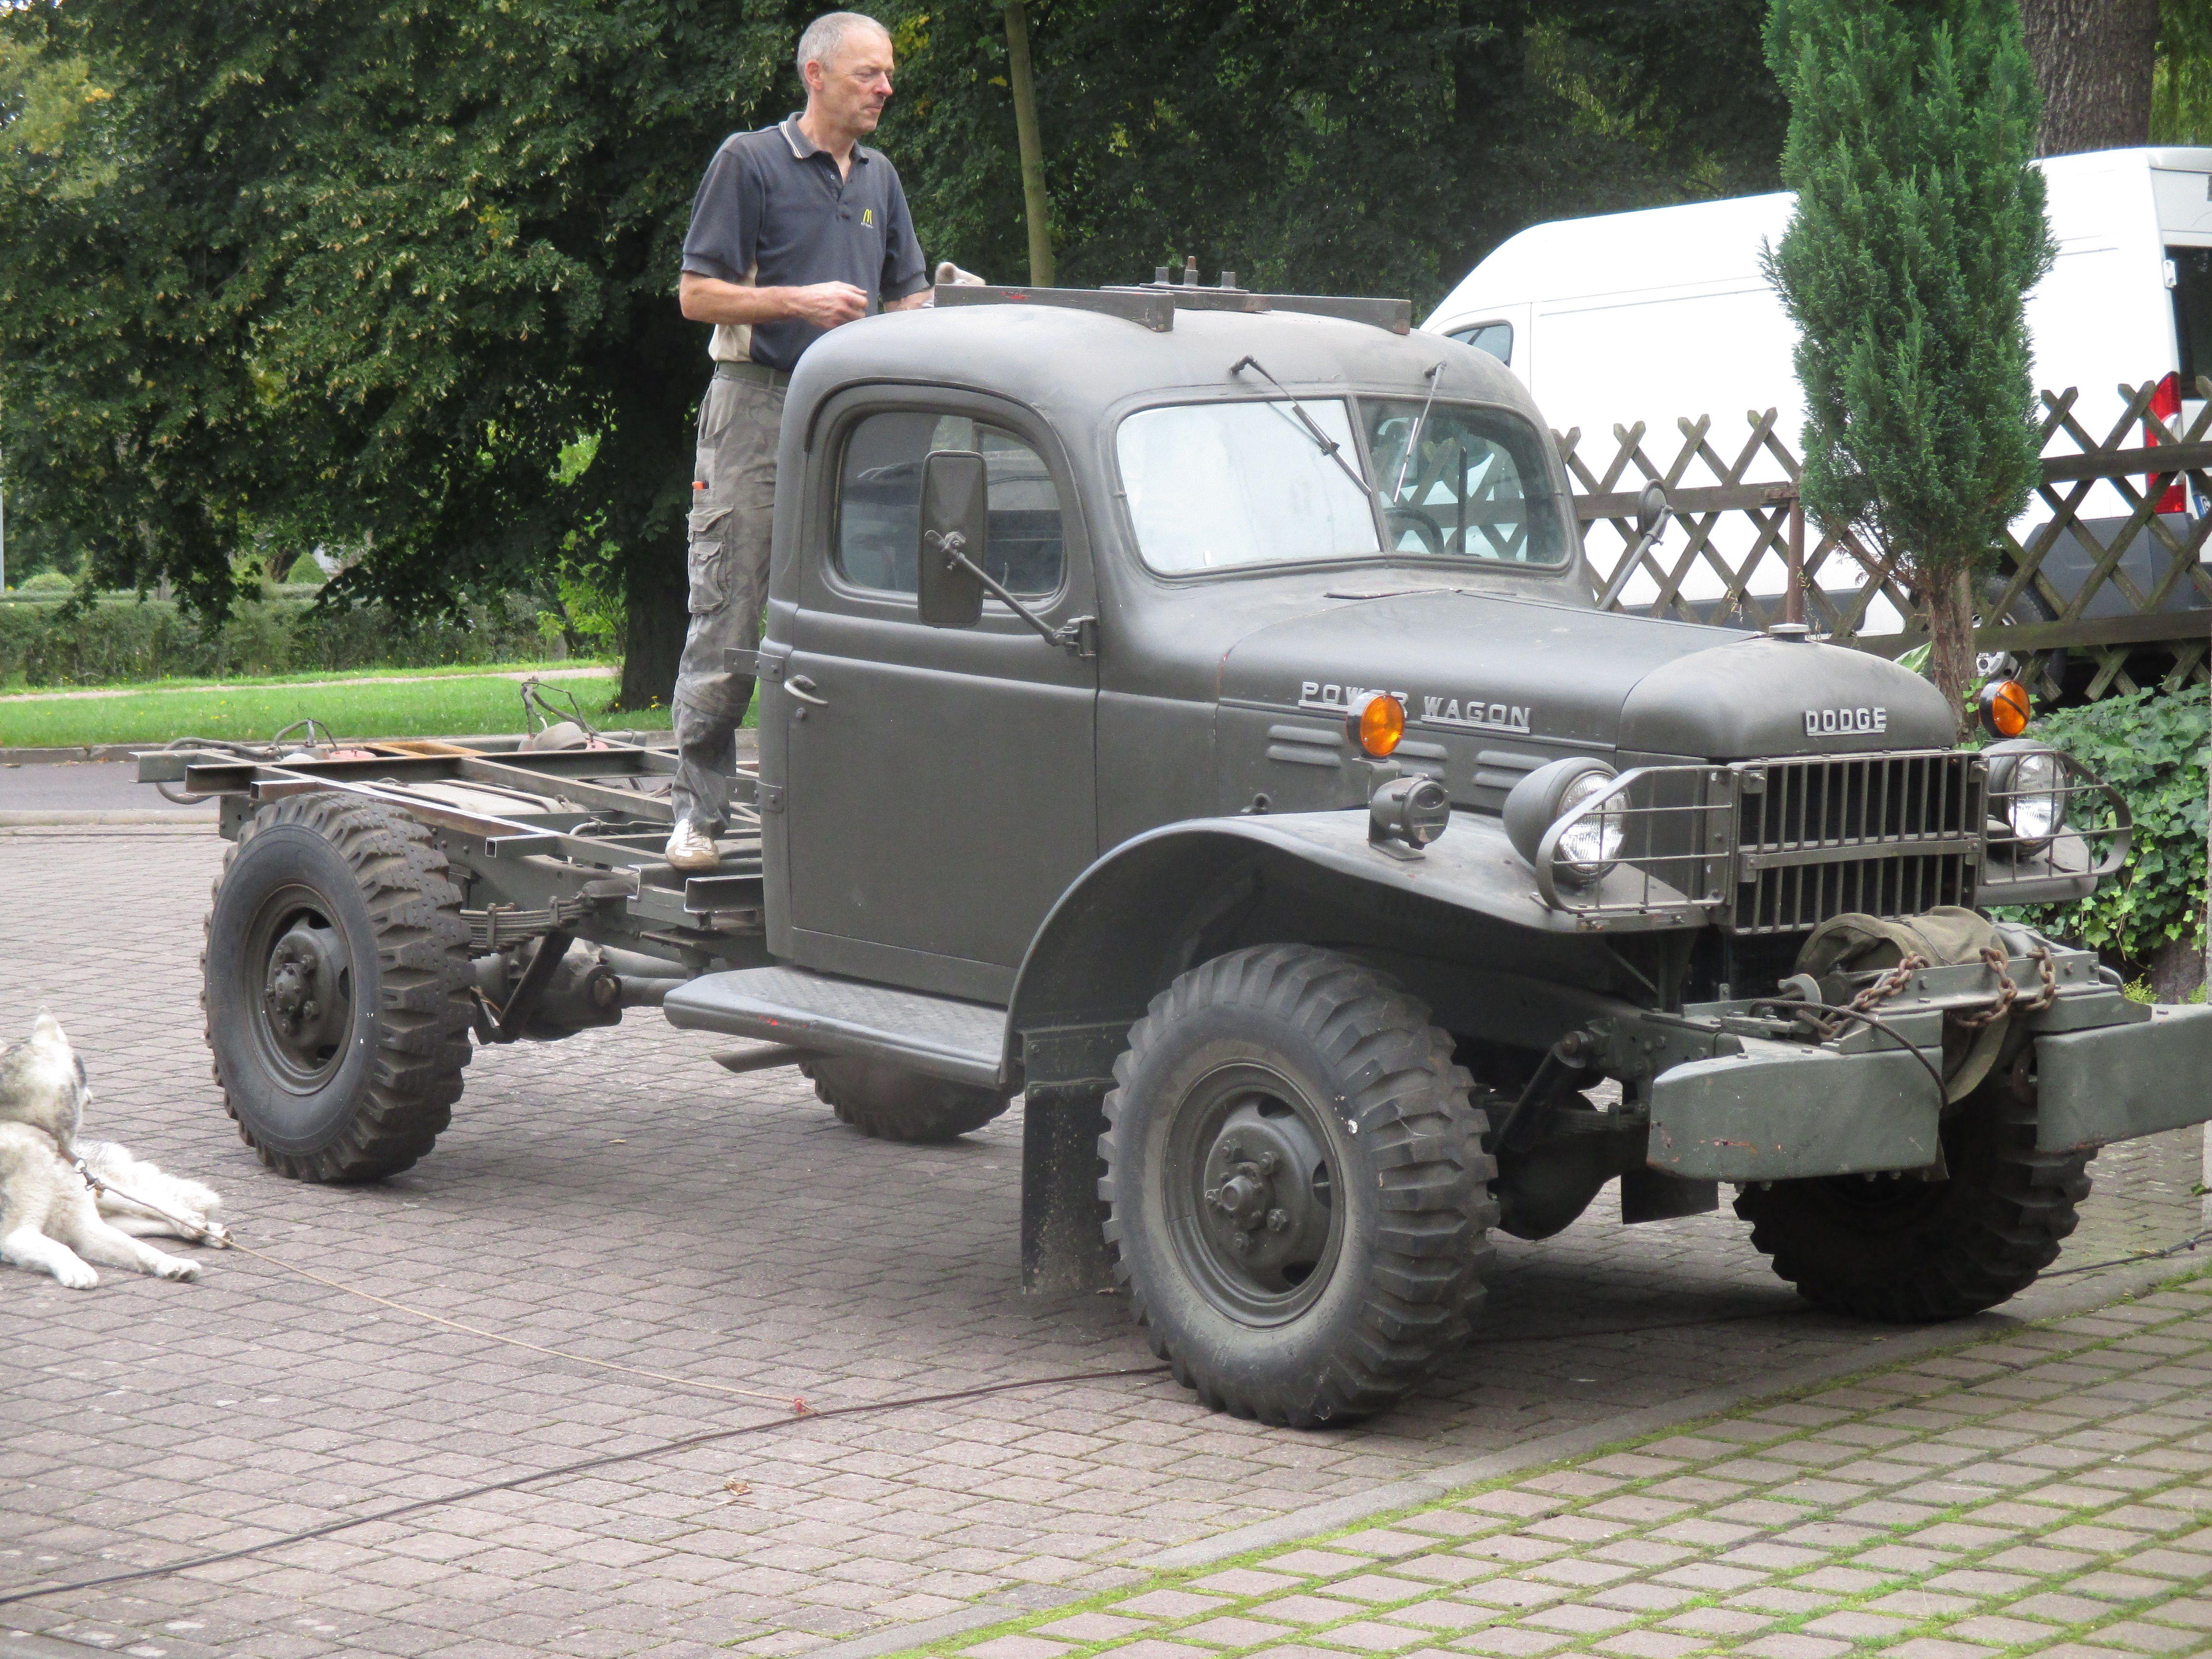 1957 Dodge Power Wagon 4x4. Demontage der alten Kabine ...